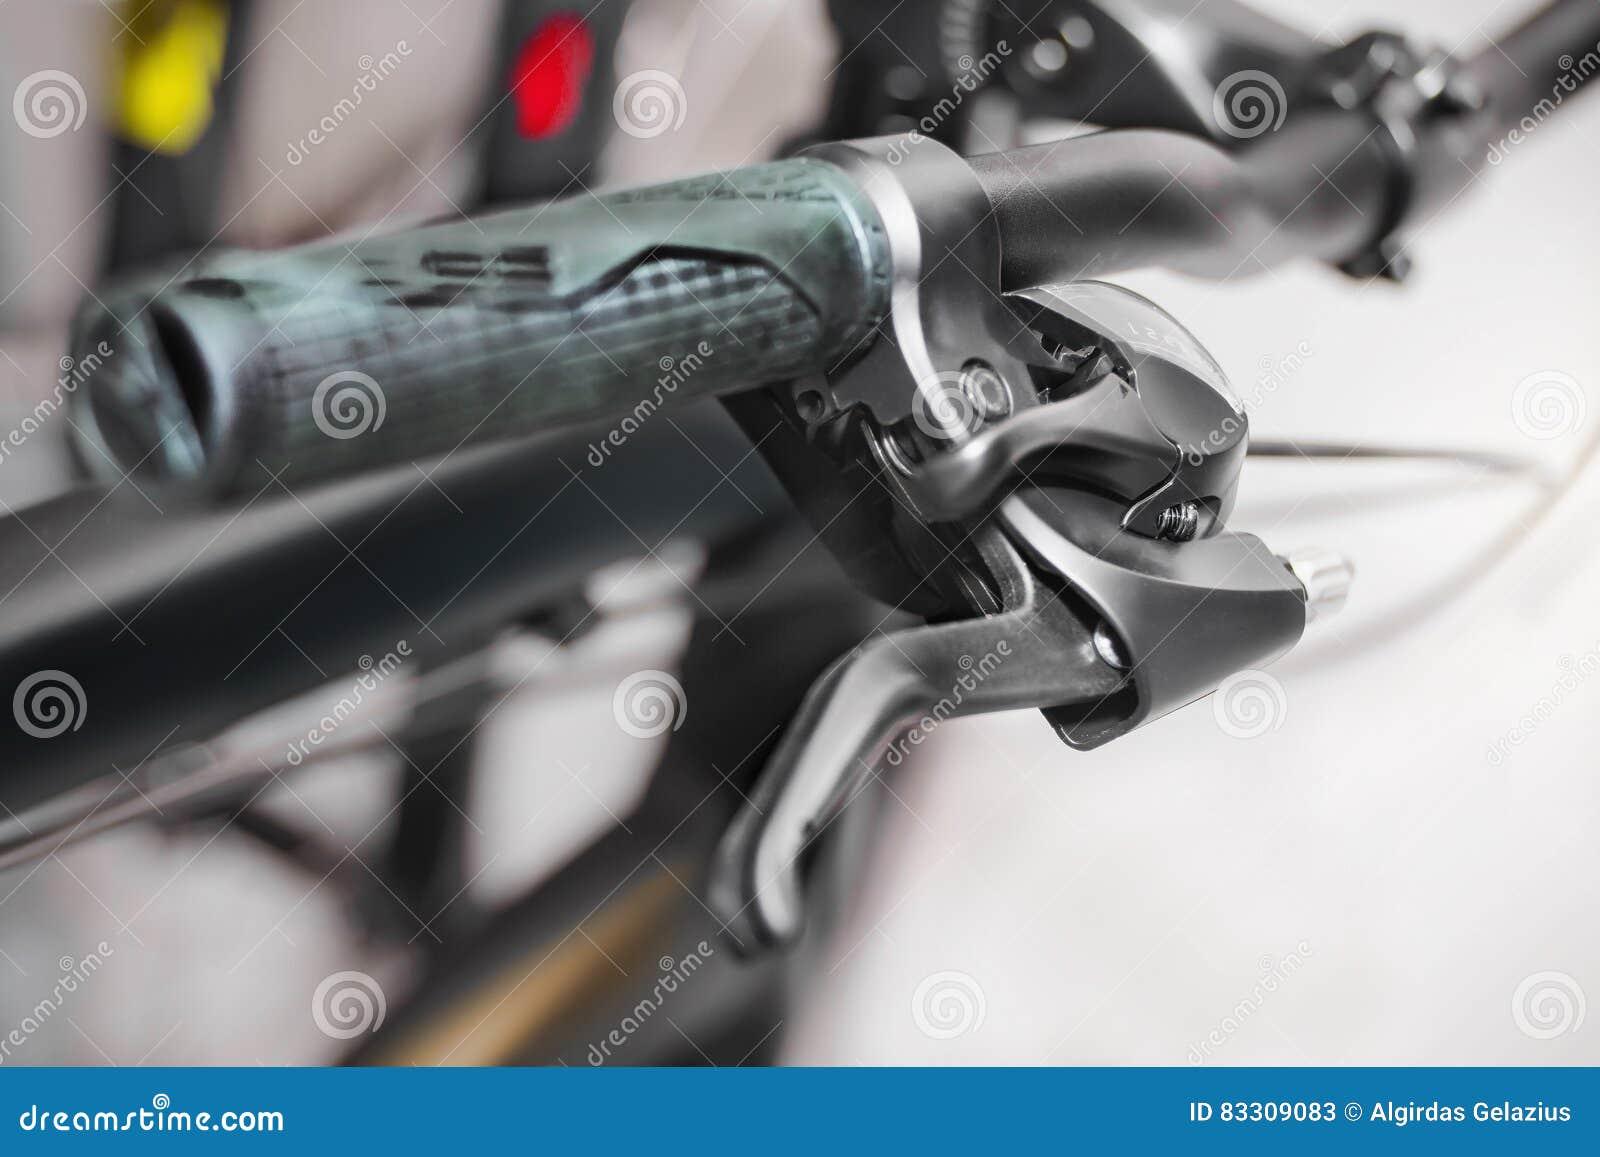 Πιάσιμο του φραγμού λαβών ποδηλάτων